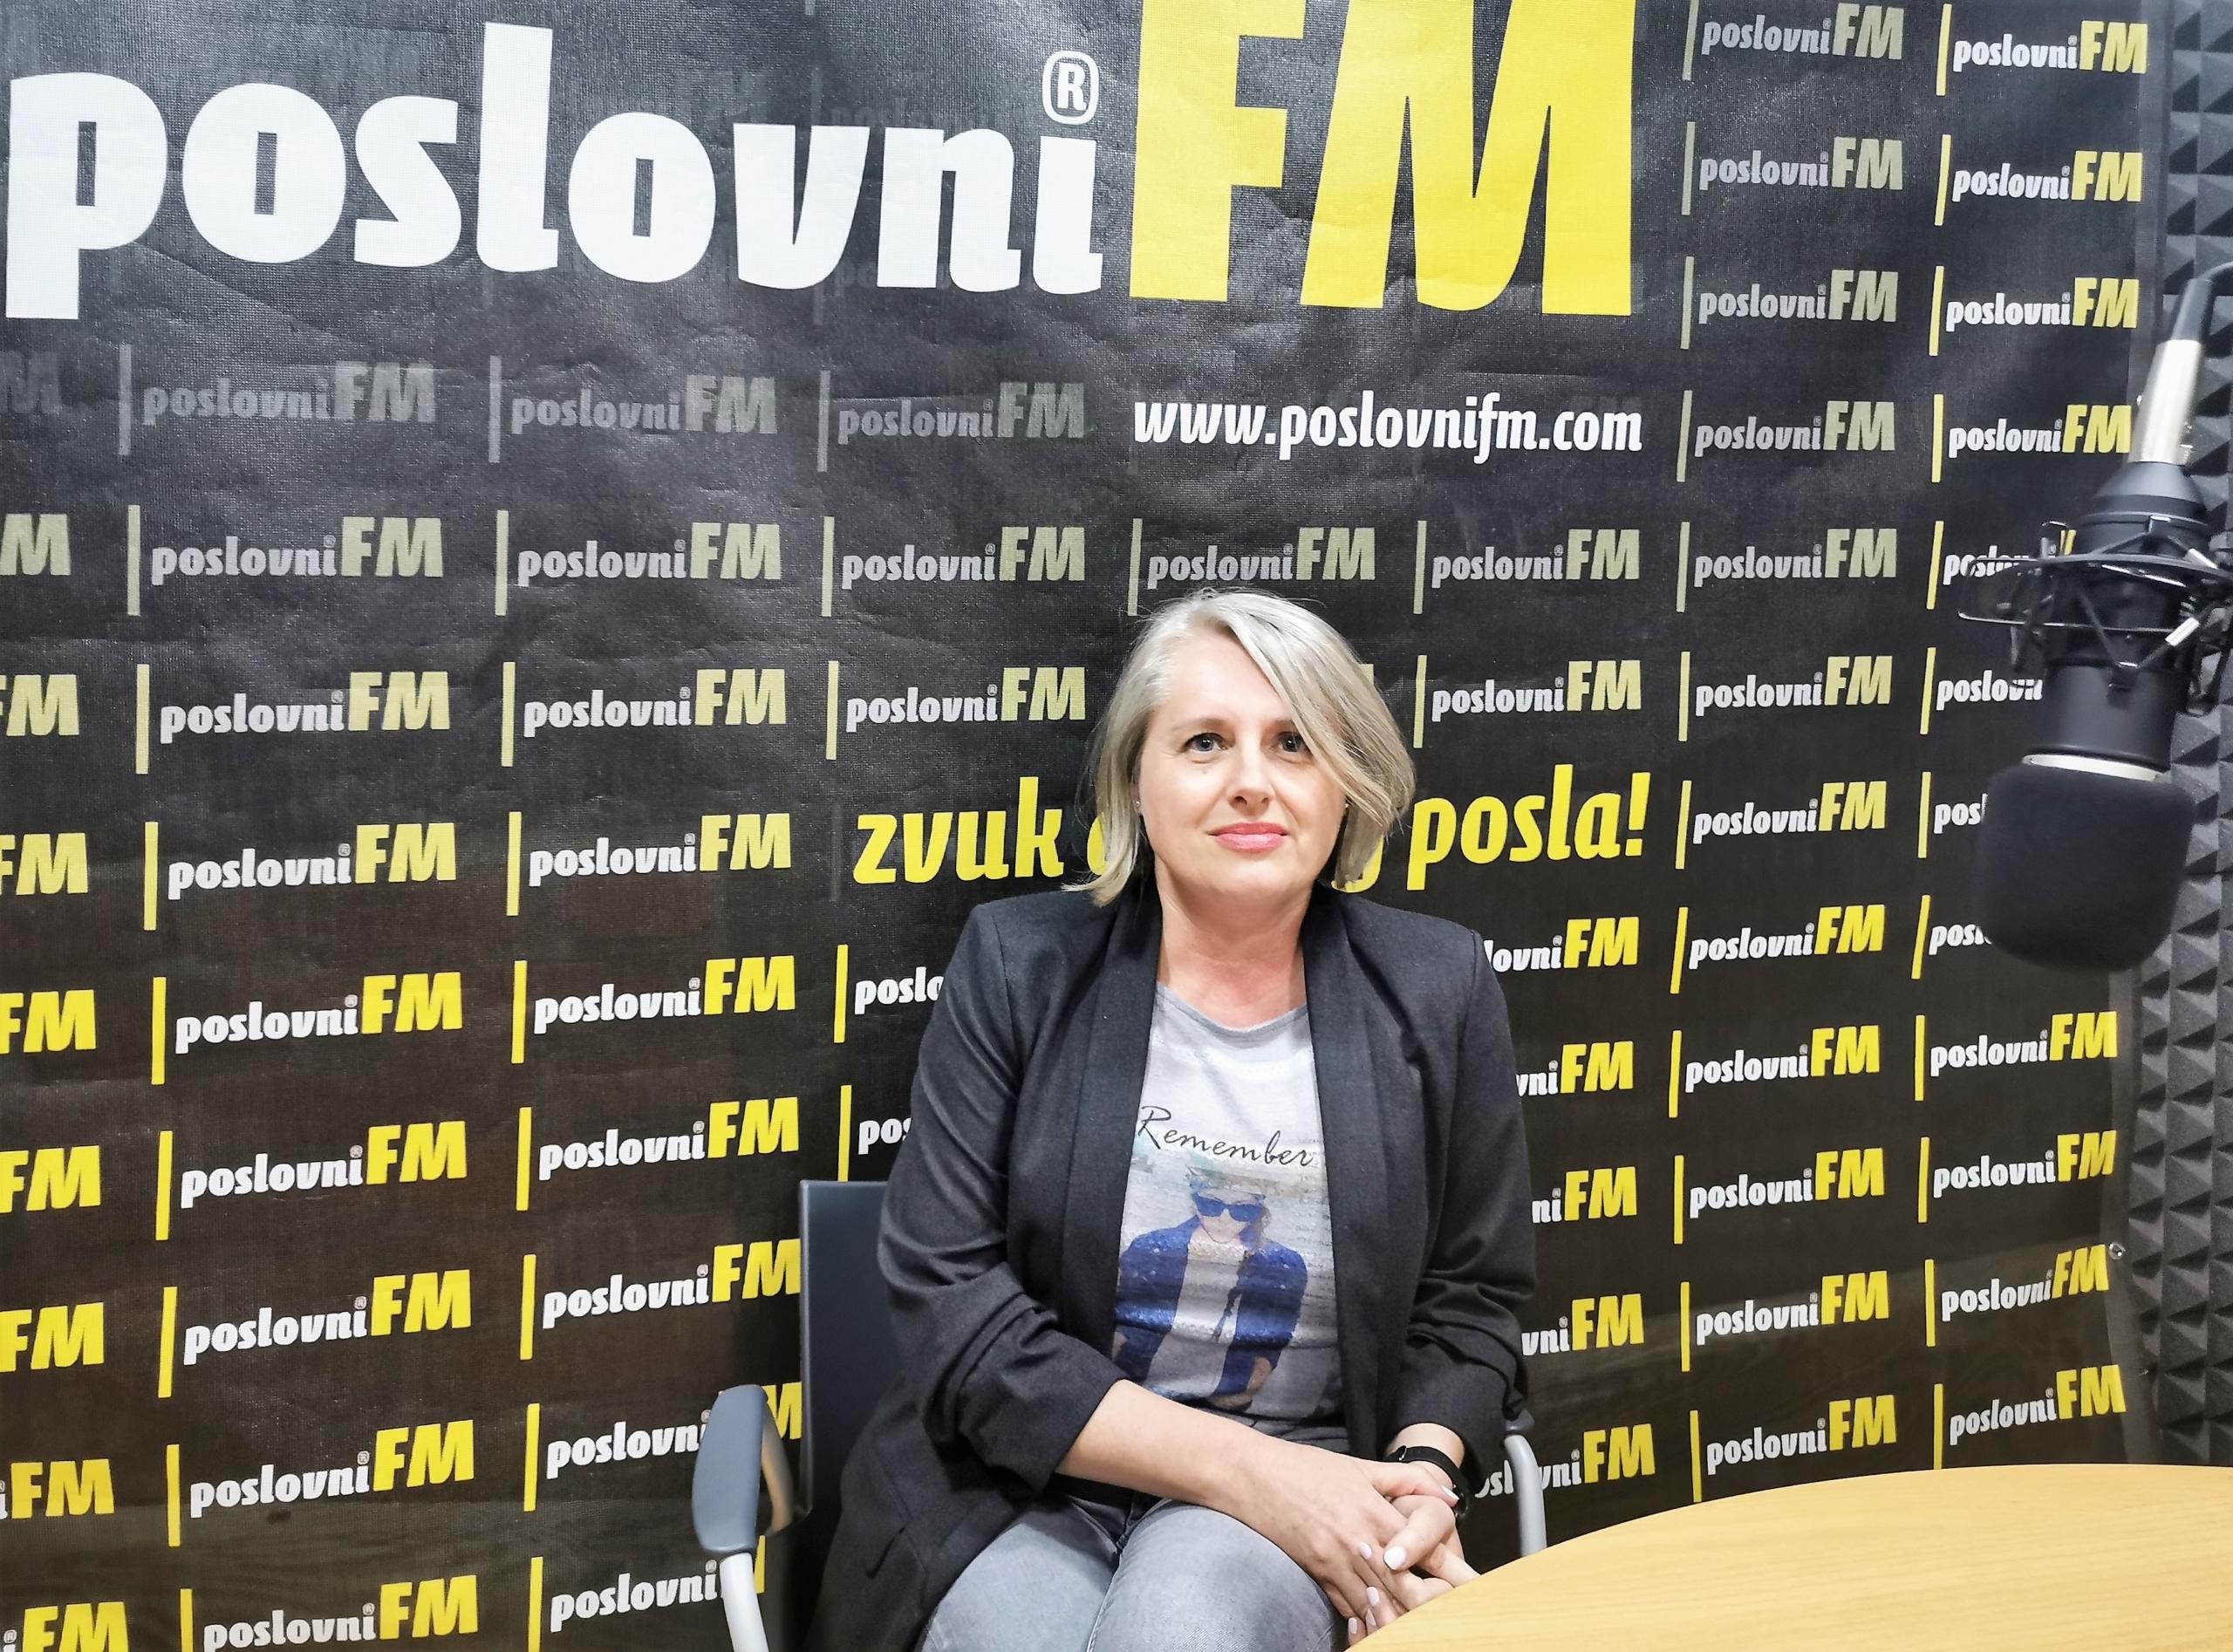 ANita Cvetić Oreščanin